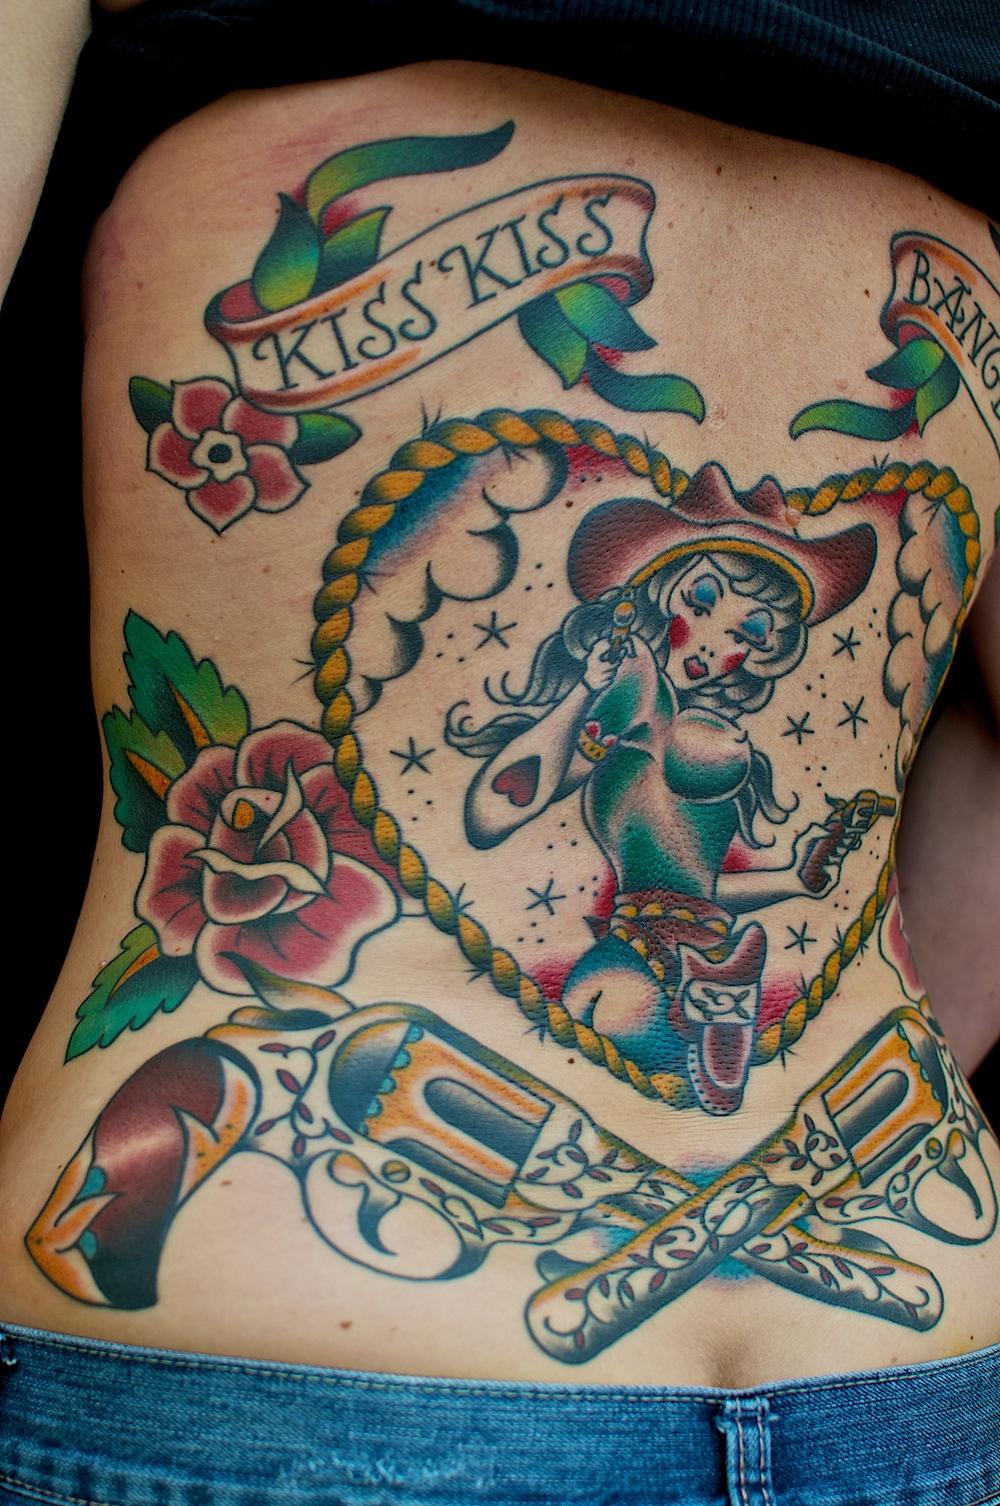 01062011 tattoo 08 3.jpg